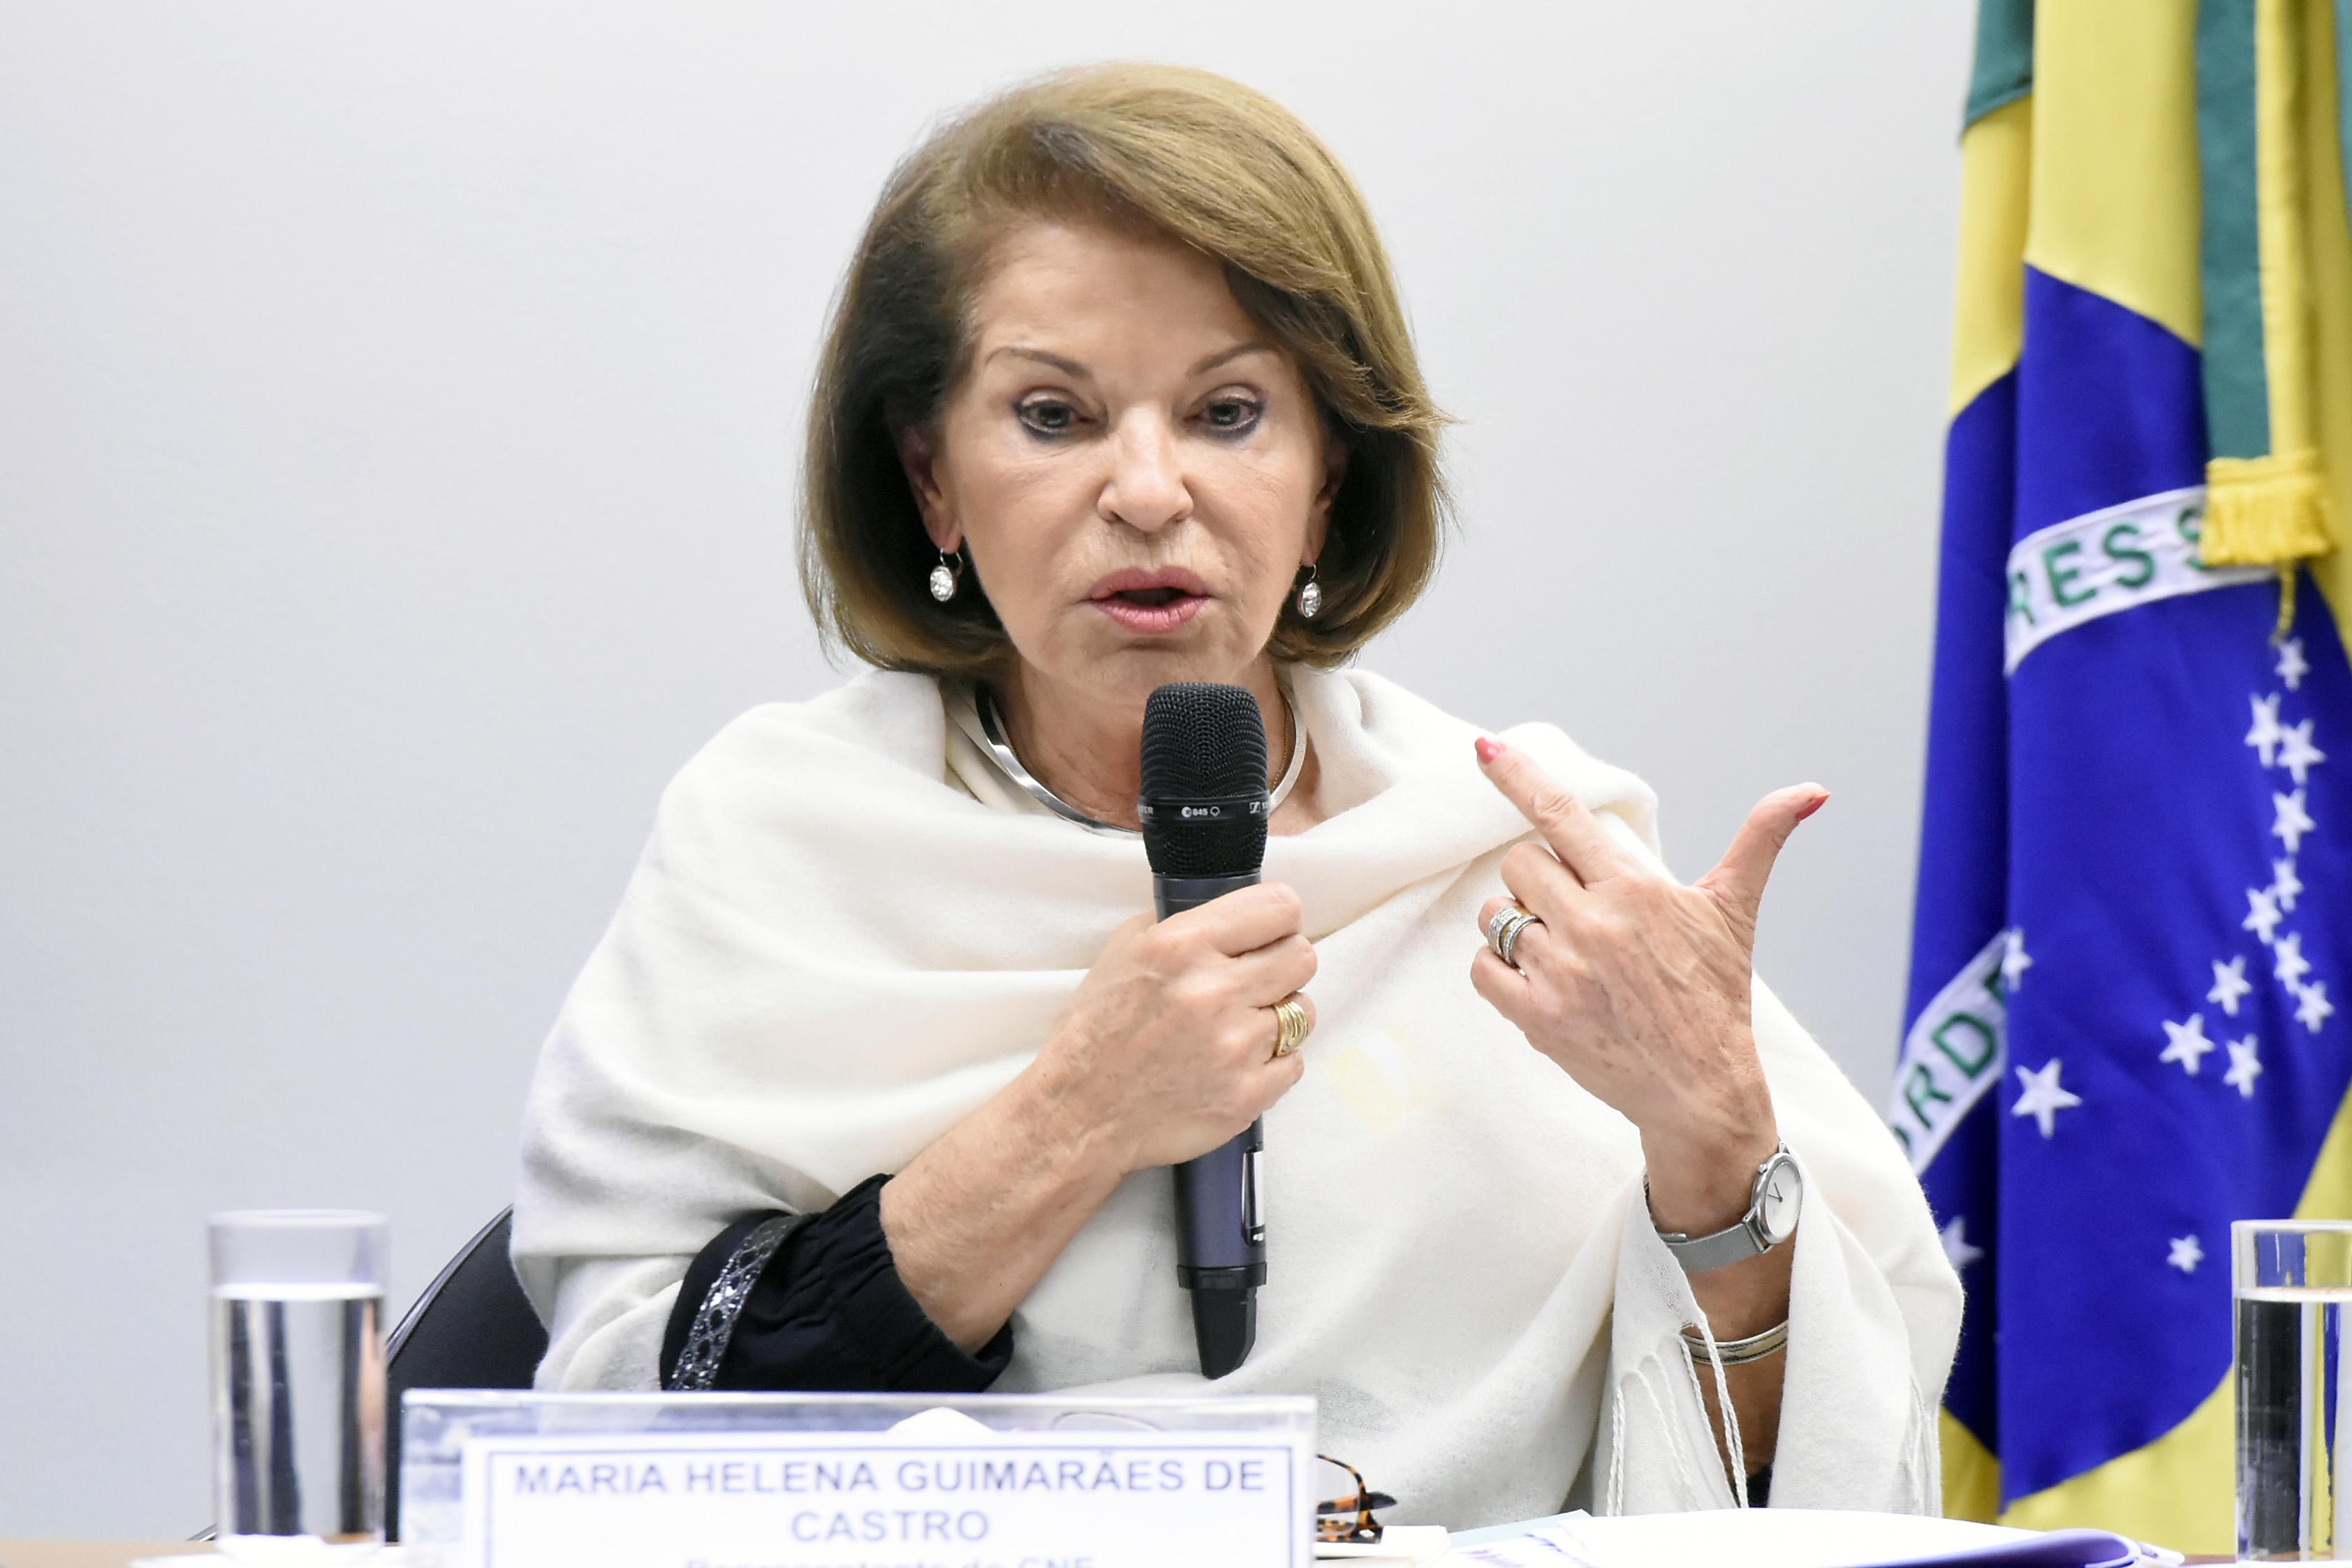 Audiência pública sobre o planejamento e preparações para aplicação do ENEM em 2019. Representante do Conselho Nacional de Educação, Maria Helena Guimarães de Castro